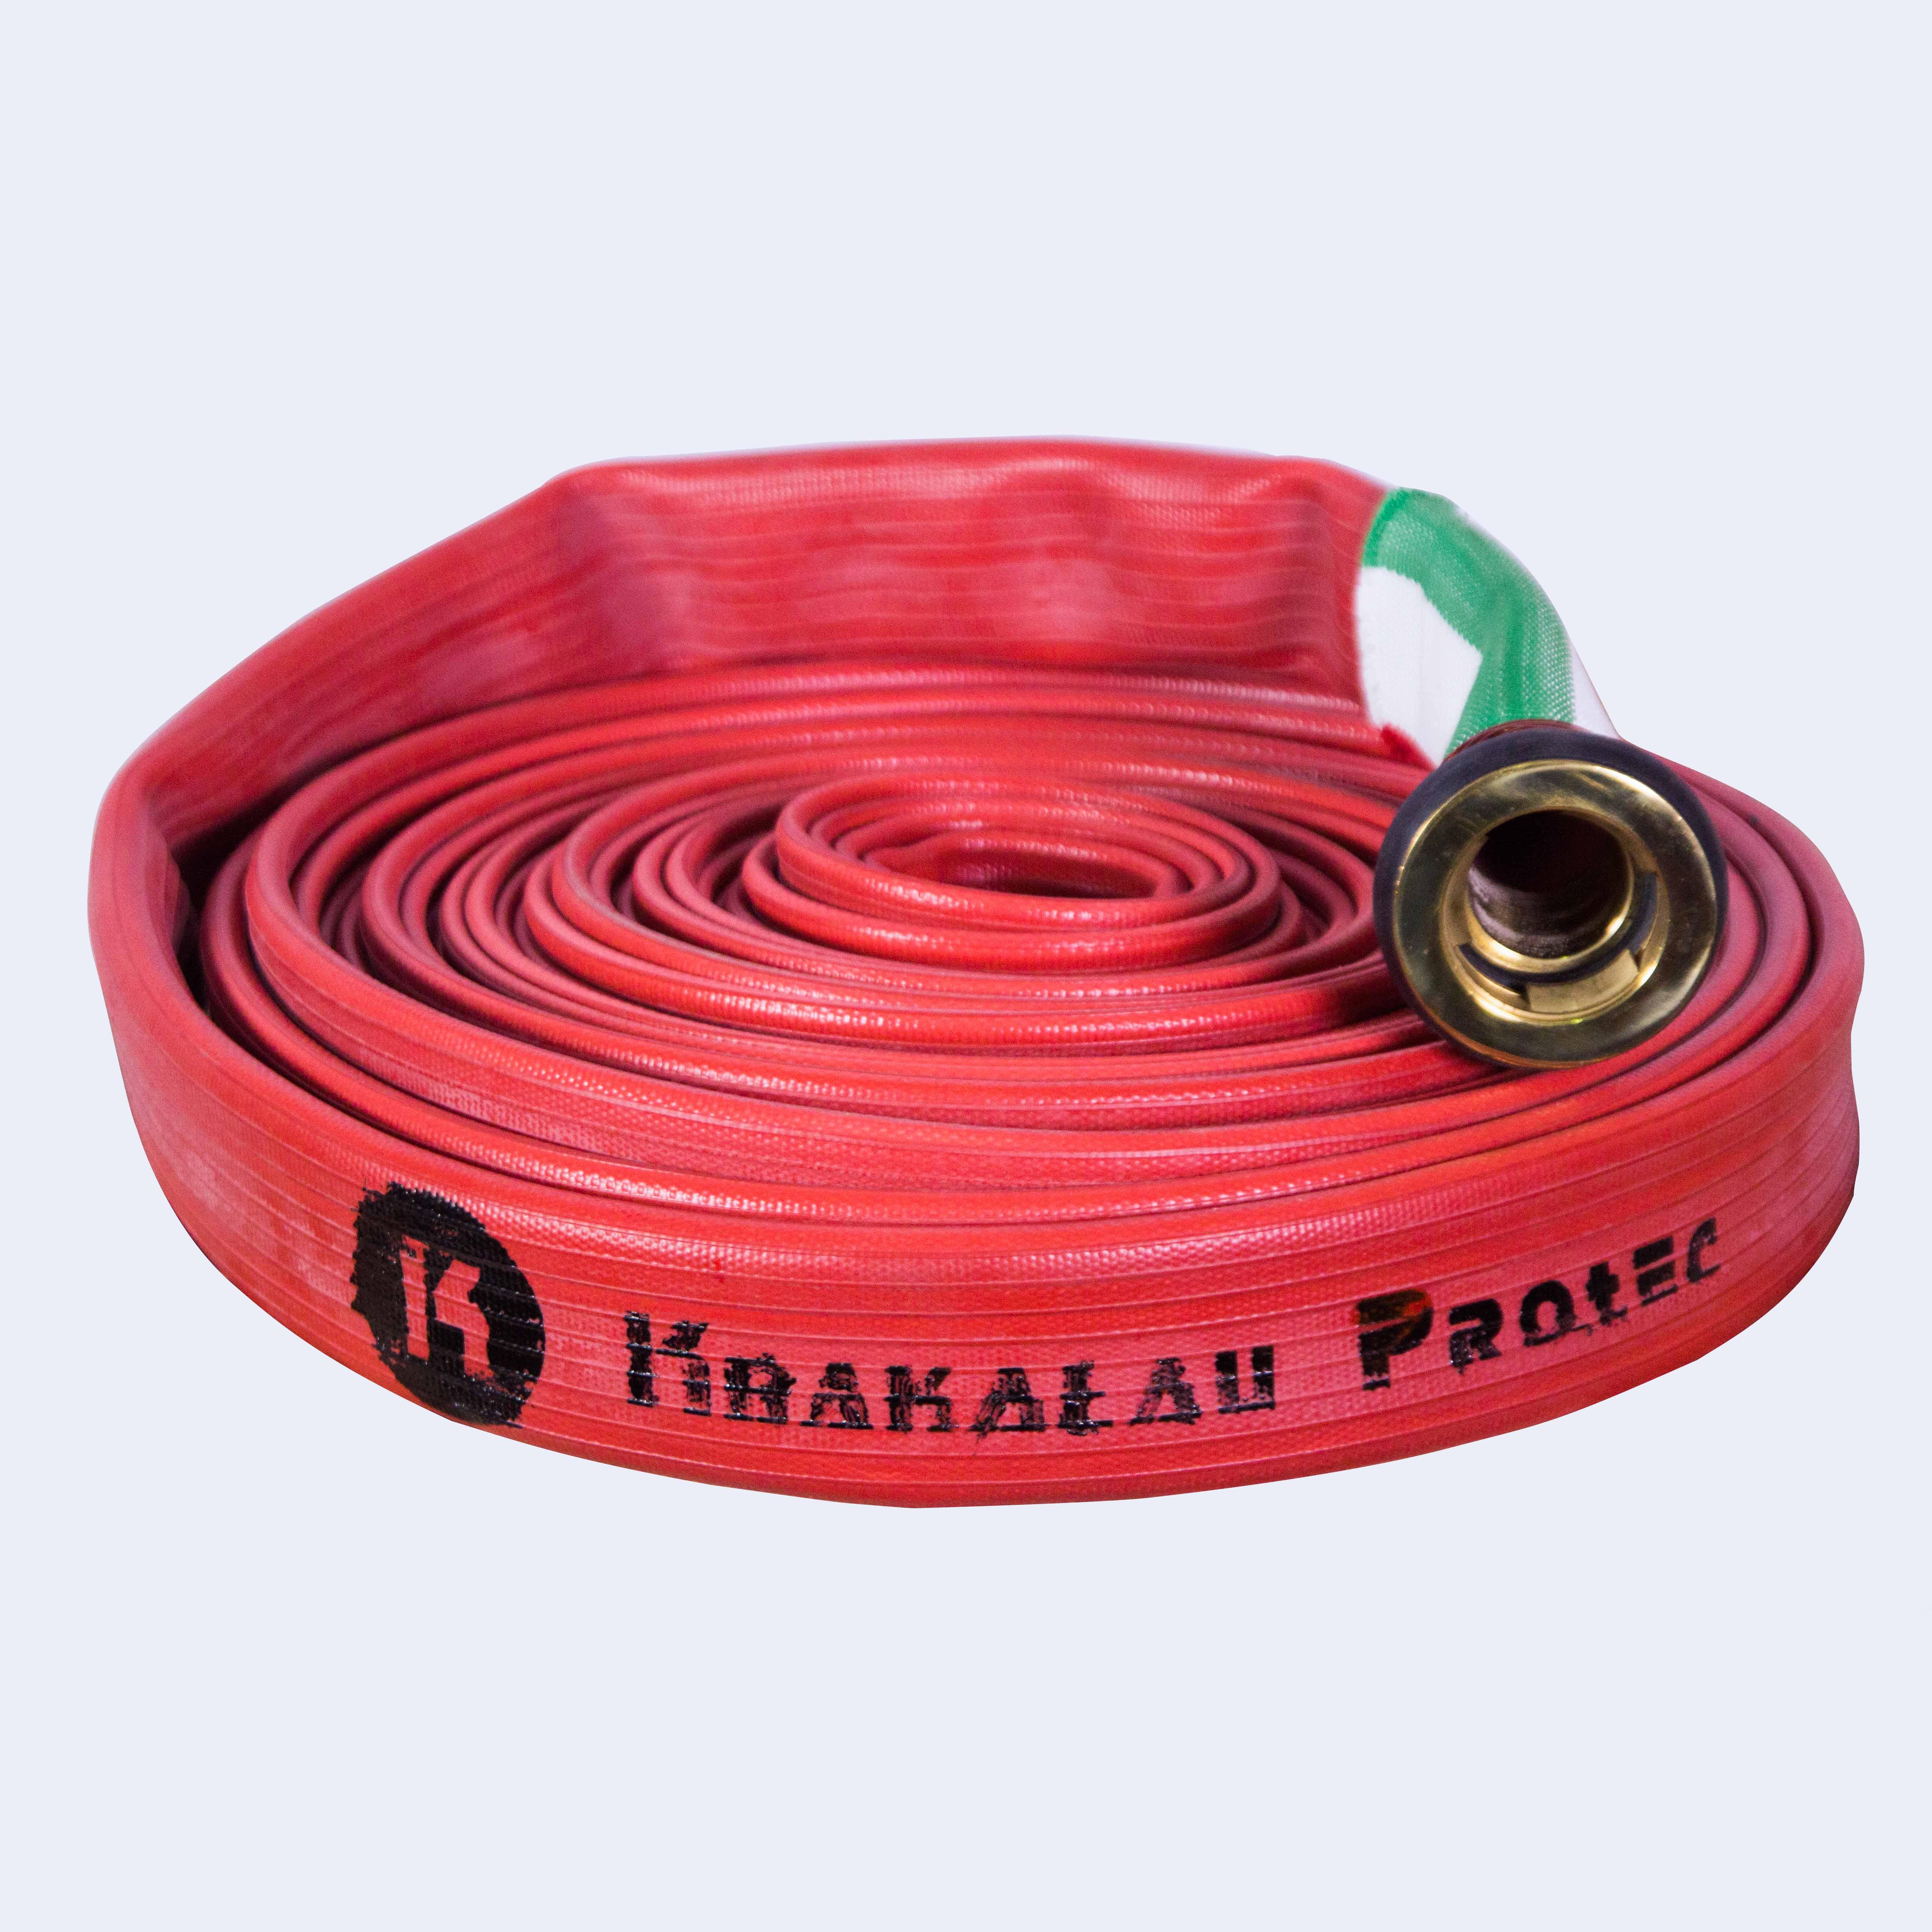 Fire Hose Rubber 1.5' x 30 M w/ MC